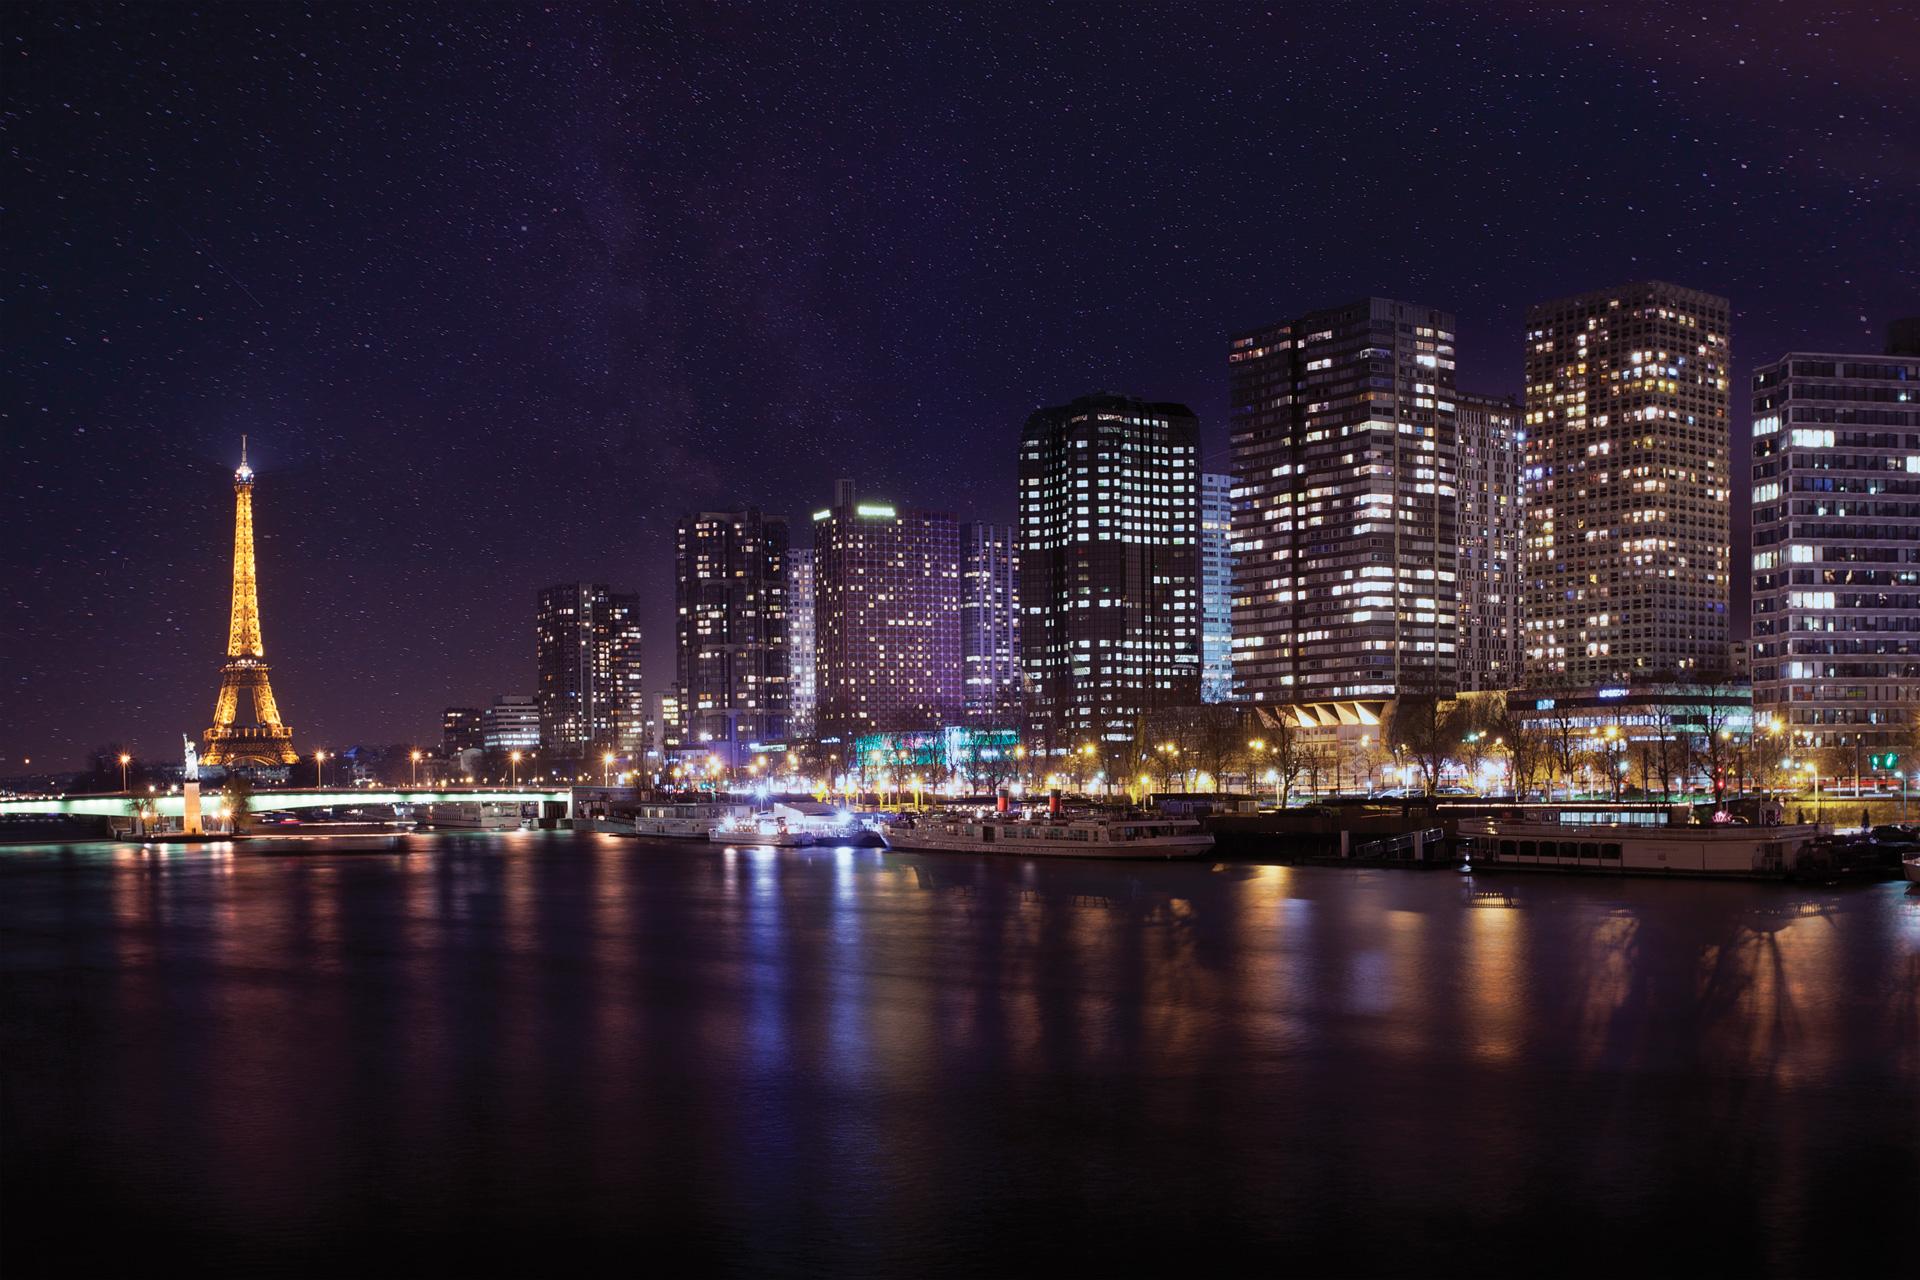 Night Lights - 2014 - Geoffrey Mitre Photographie